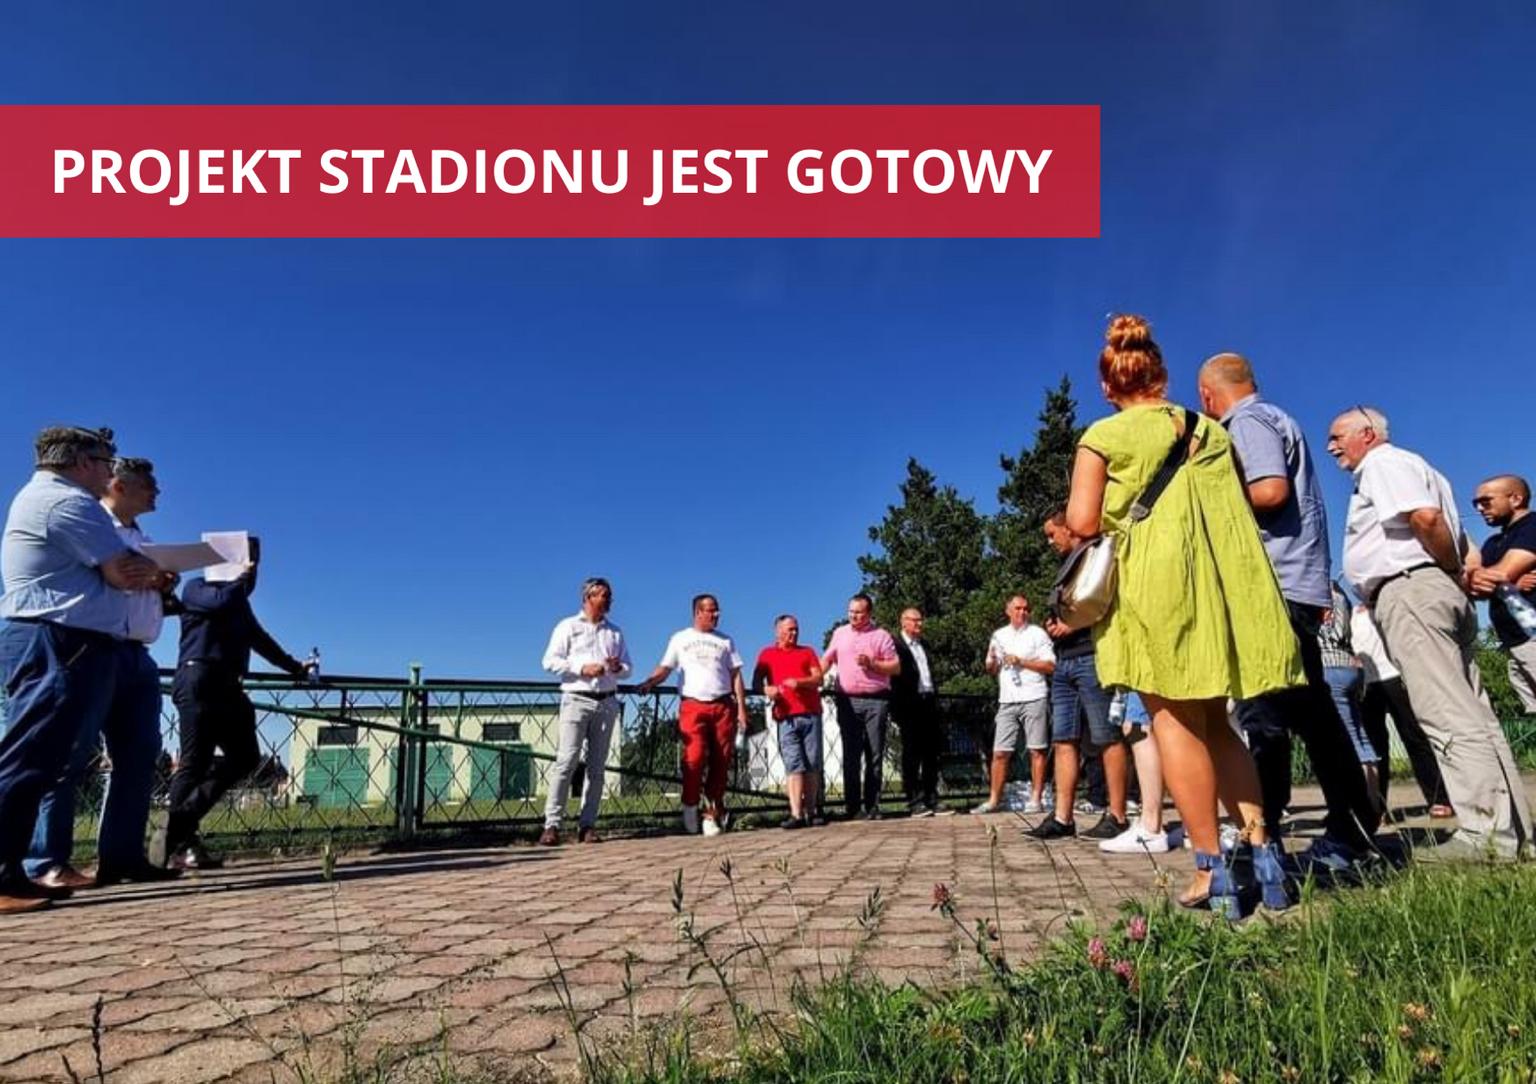 Ząbkowice Śl.: Stadion będzie zmodernizowany! - Zdjęcie główne